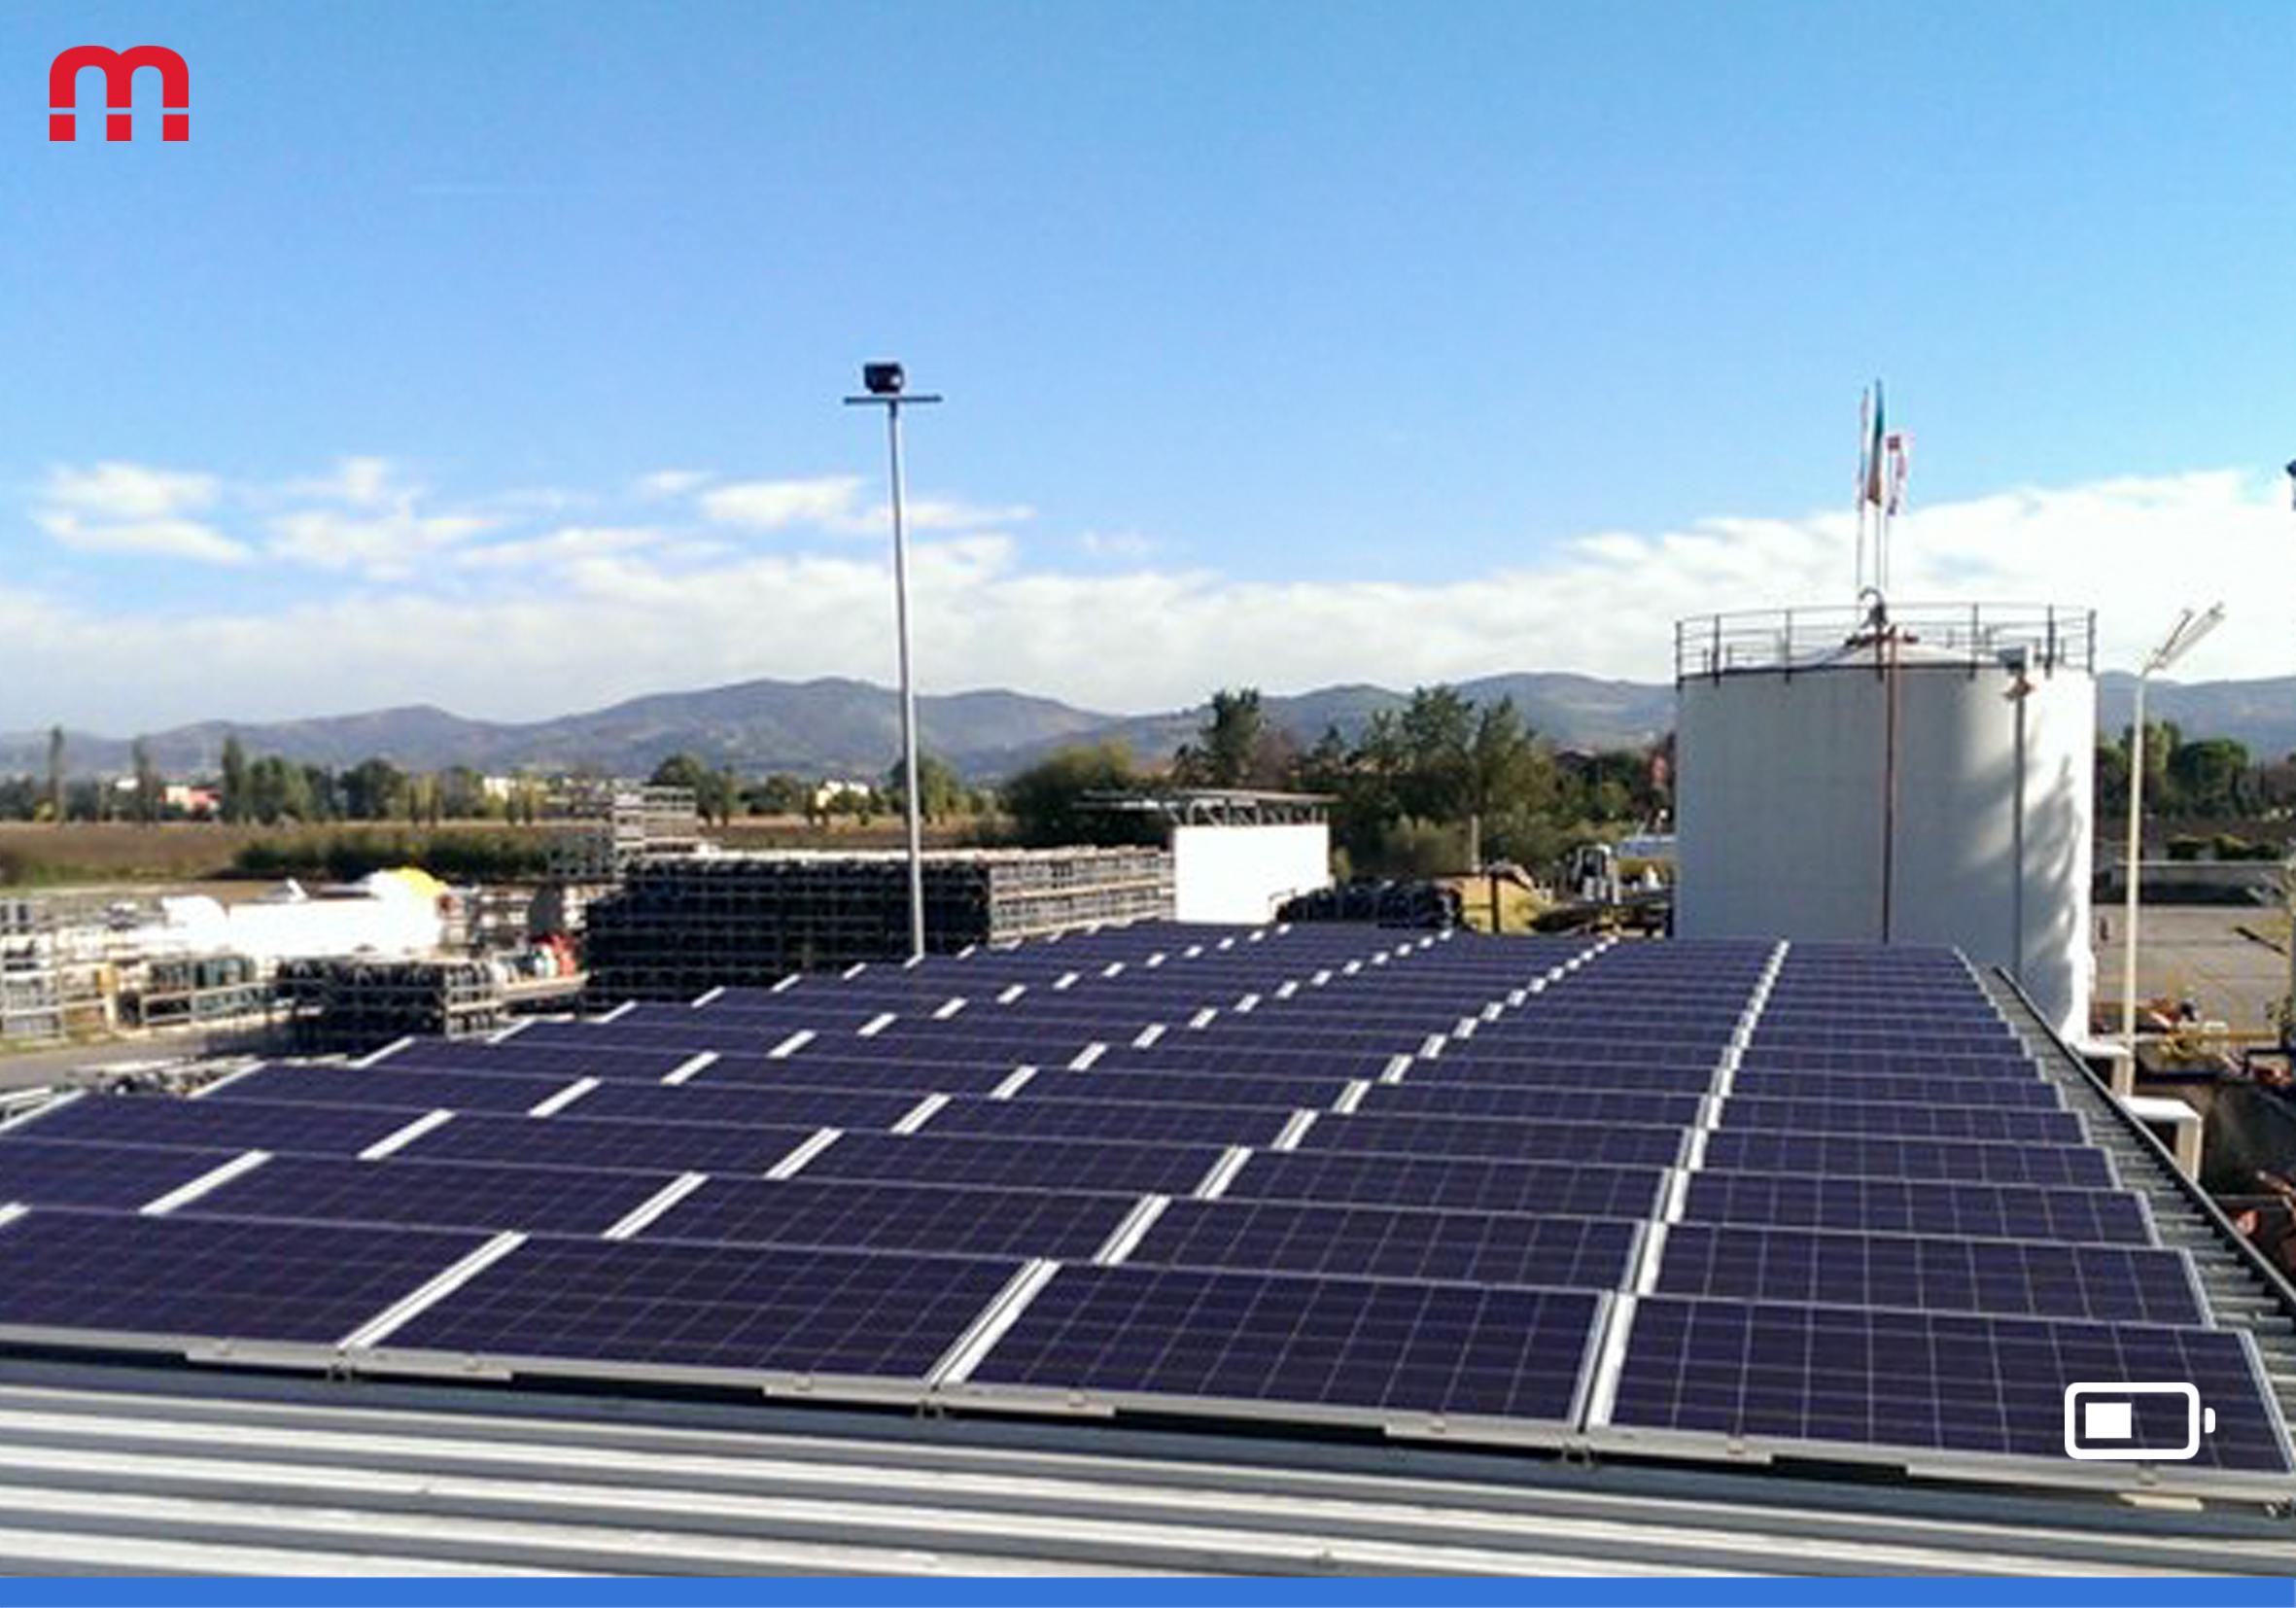 Sito_MOD_fotovoltaico 20_02